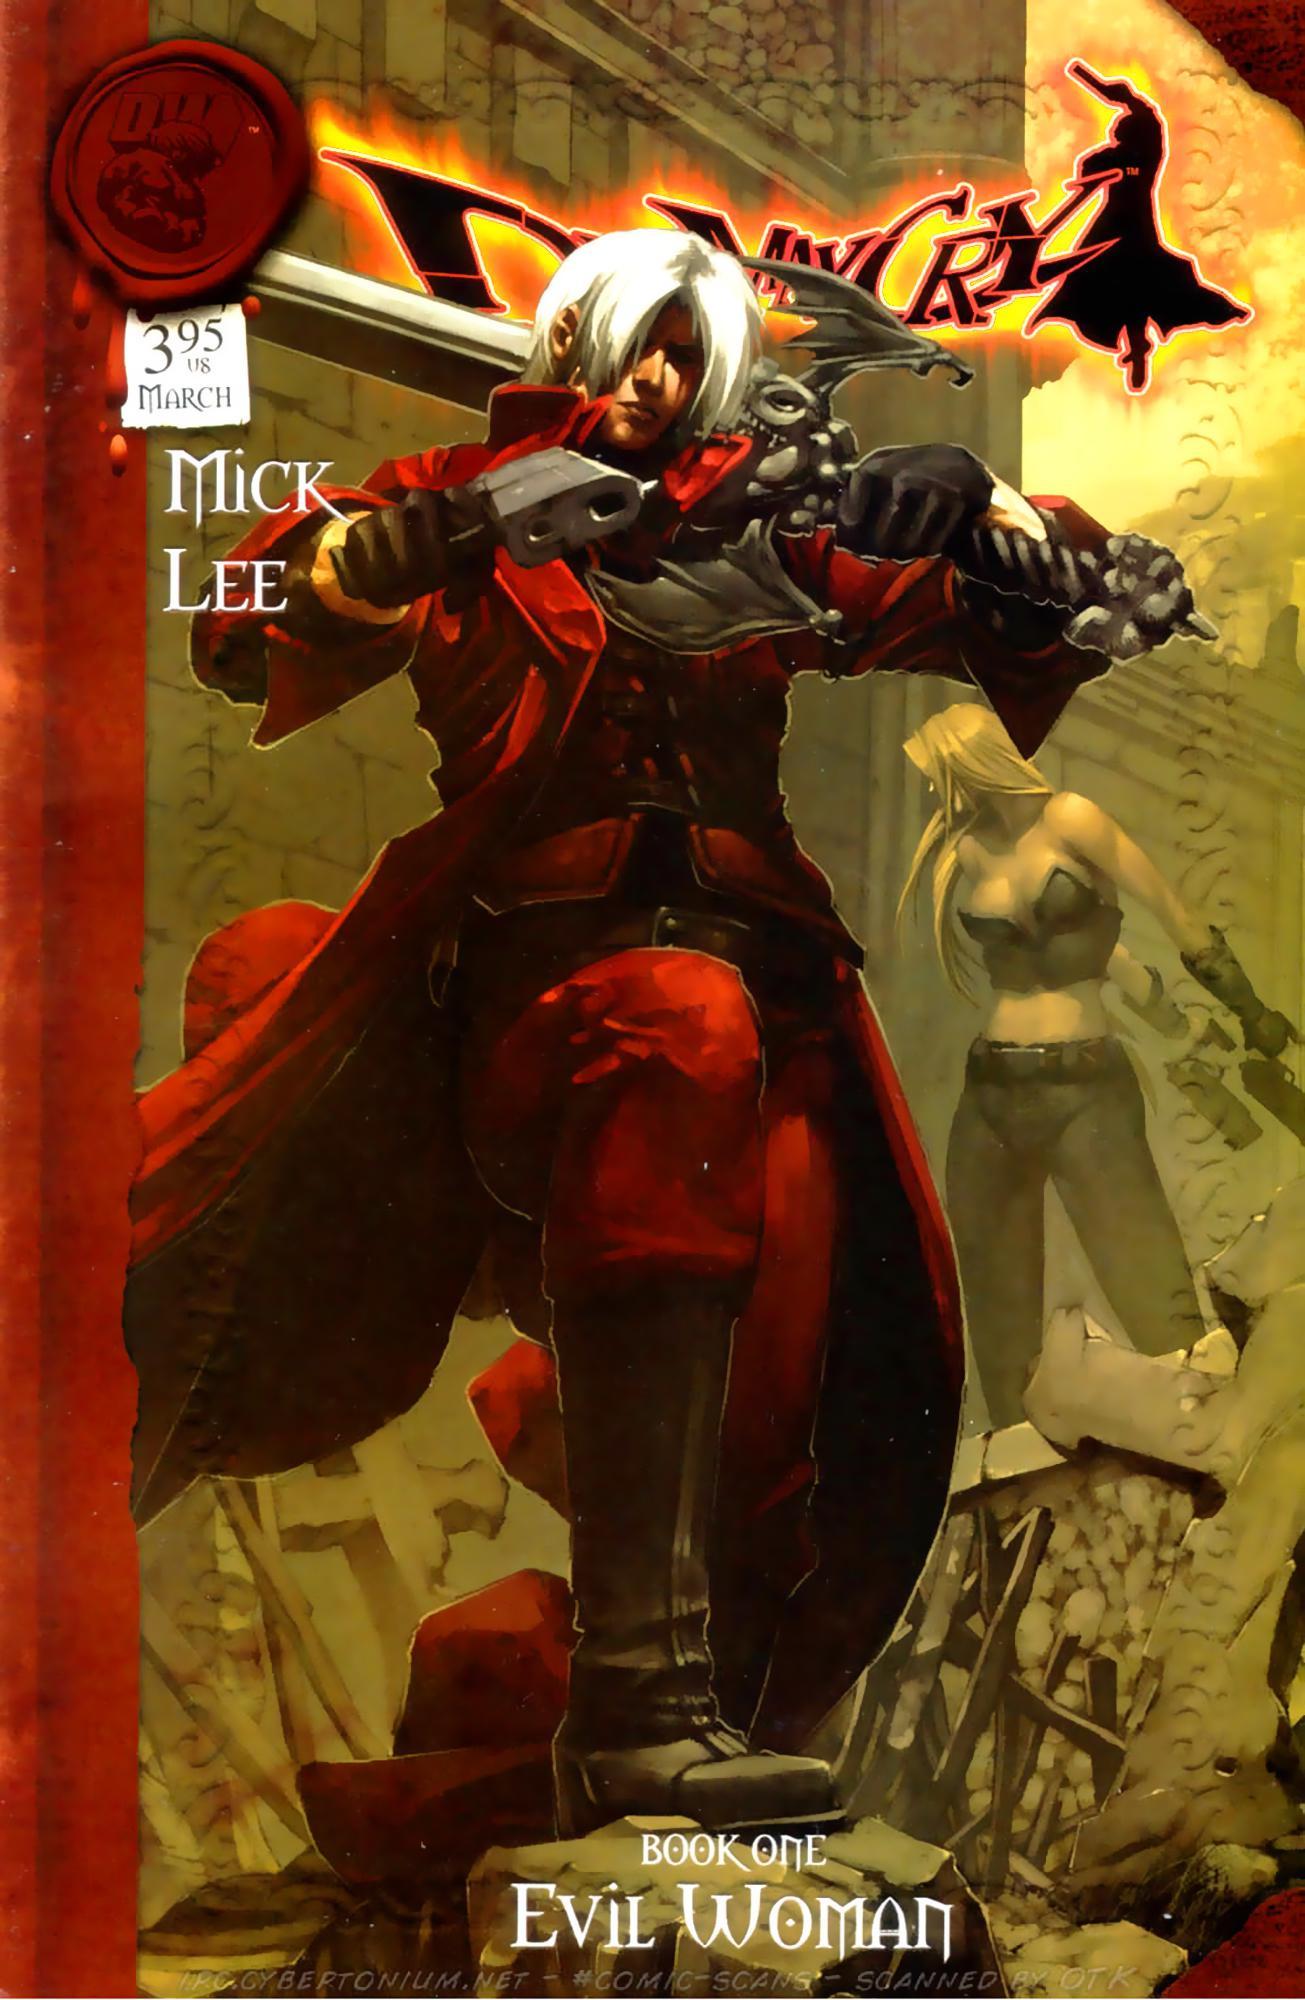 Devil May Cry - Đến Quỷ Cũng Rơi Lệ: Chapter 1: - Người Đàn Bà Ma Quái